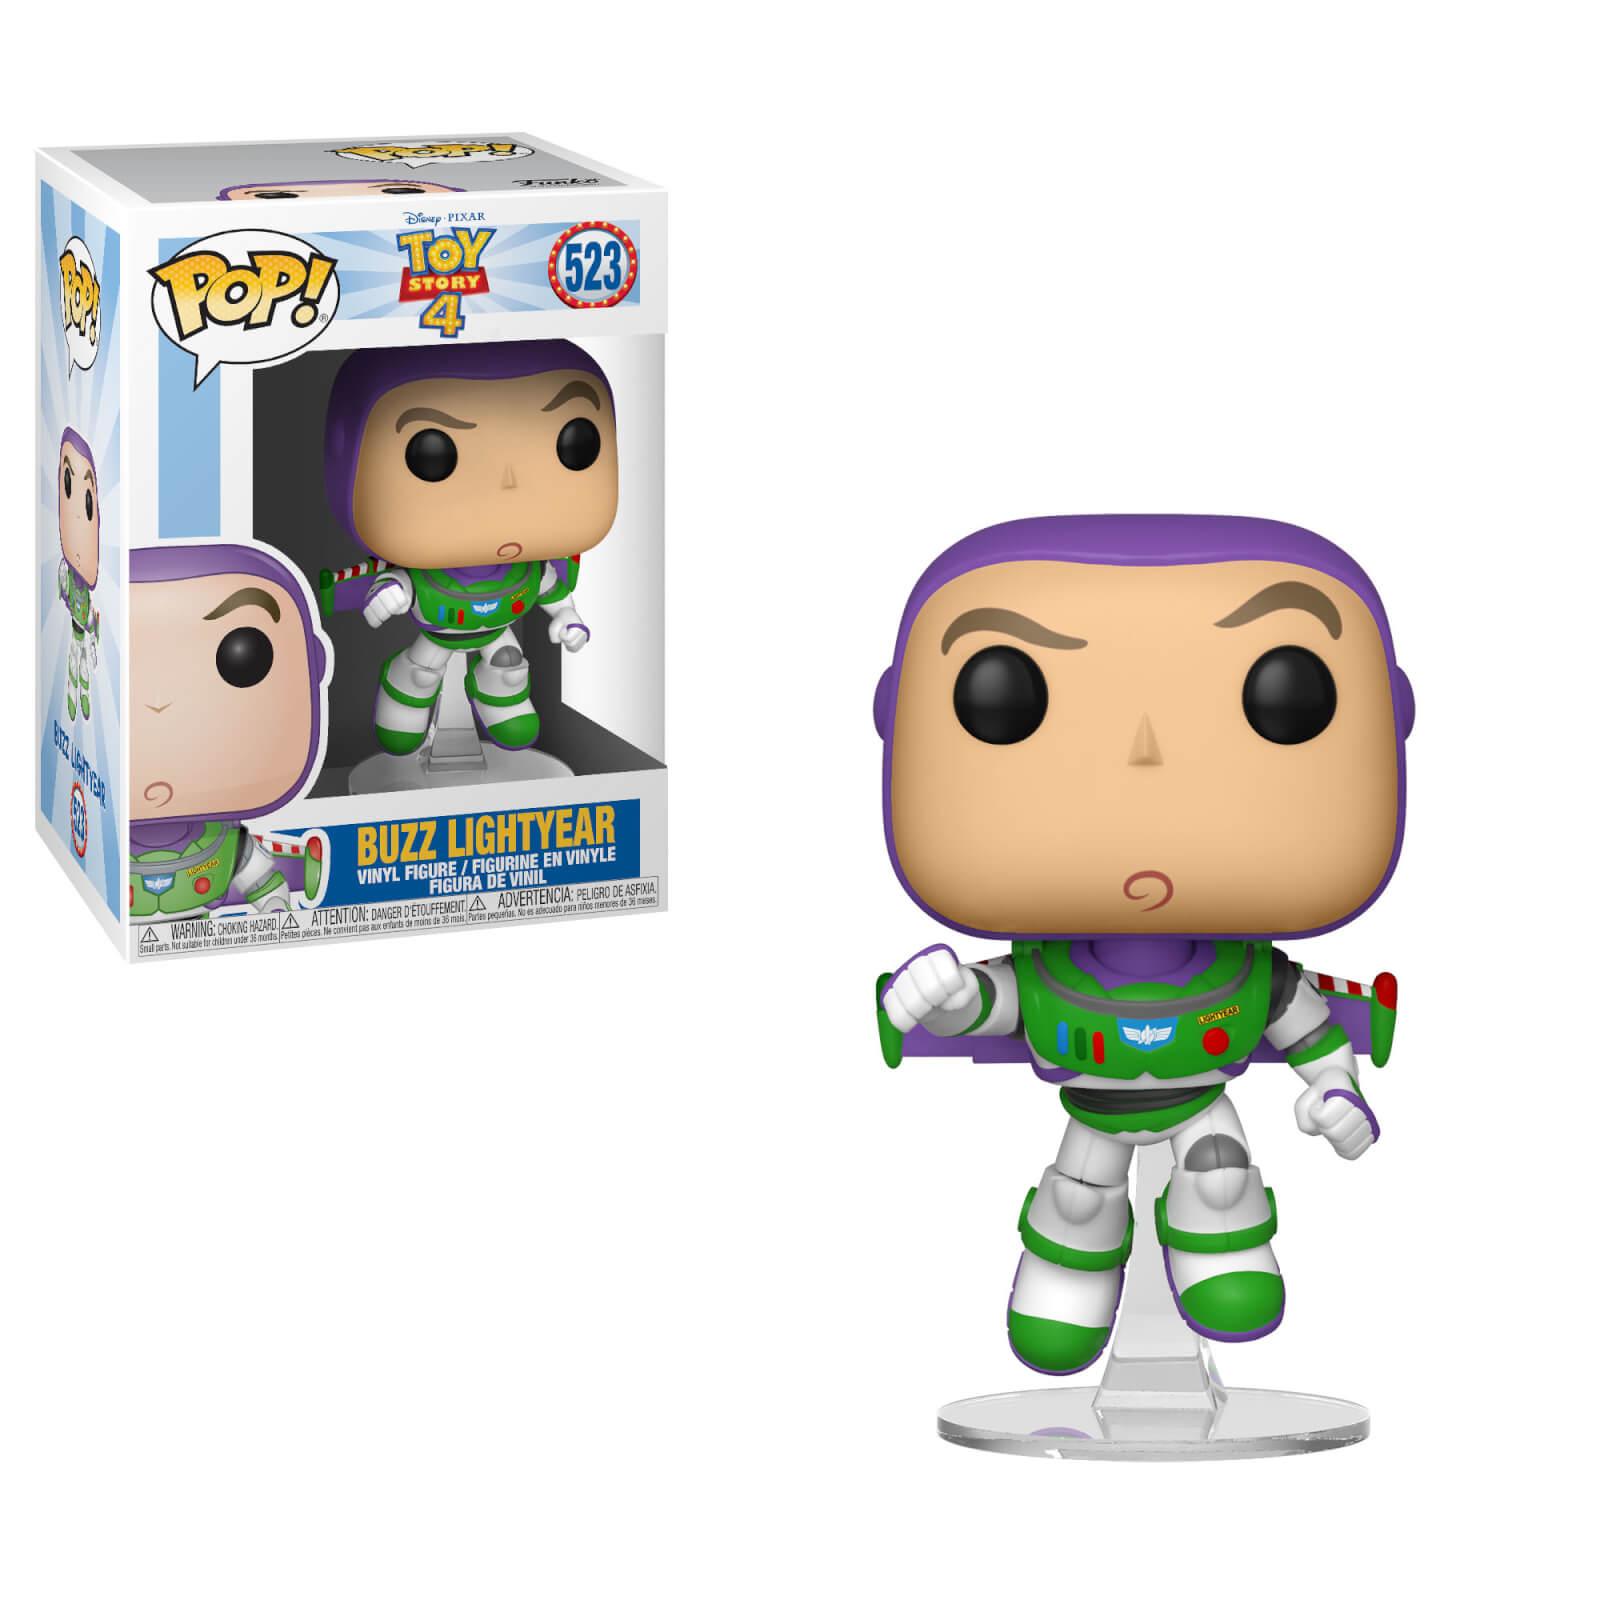 POP! Disney Pixar Toy Story 4: Buzz Lightyear